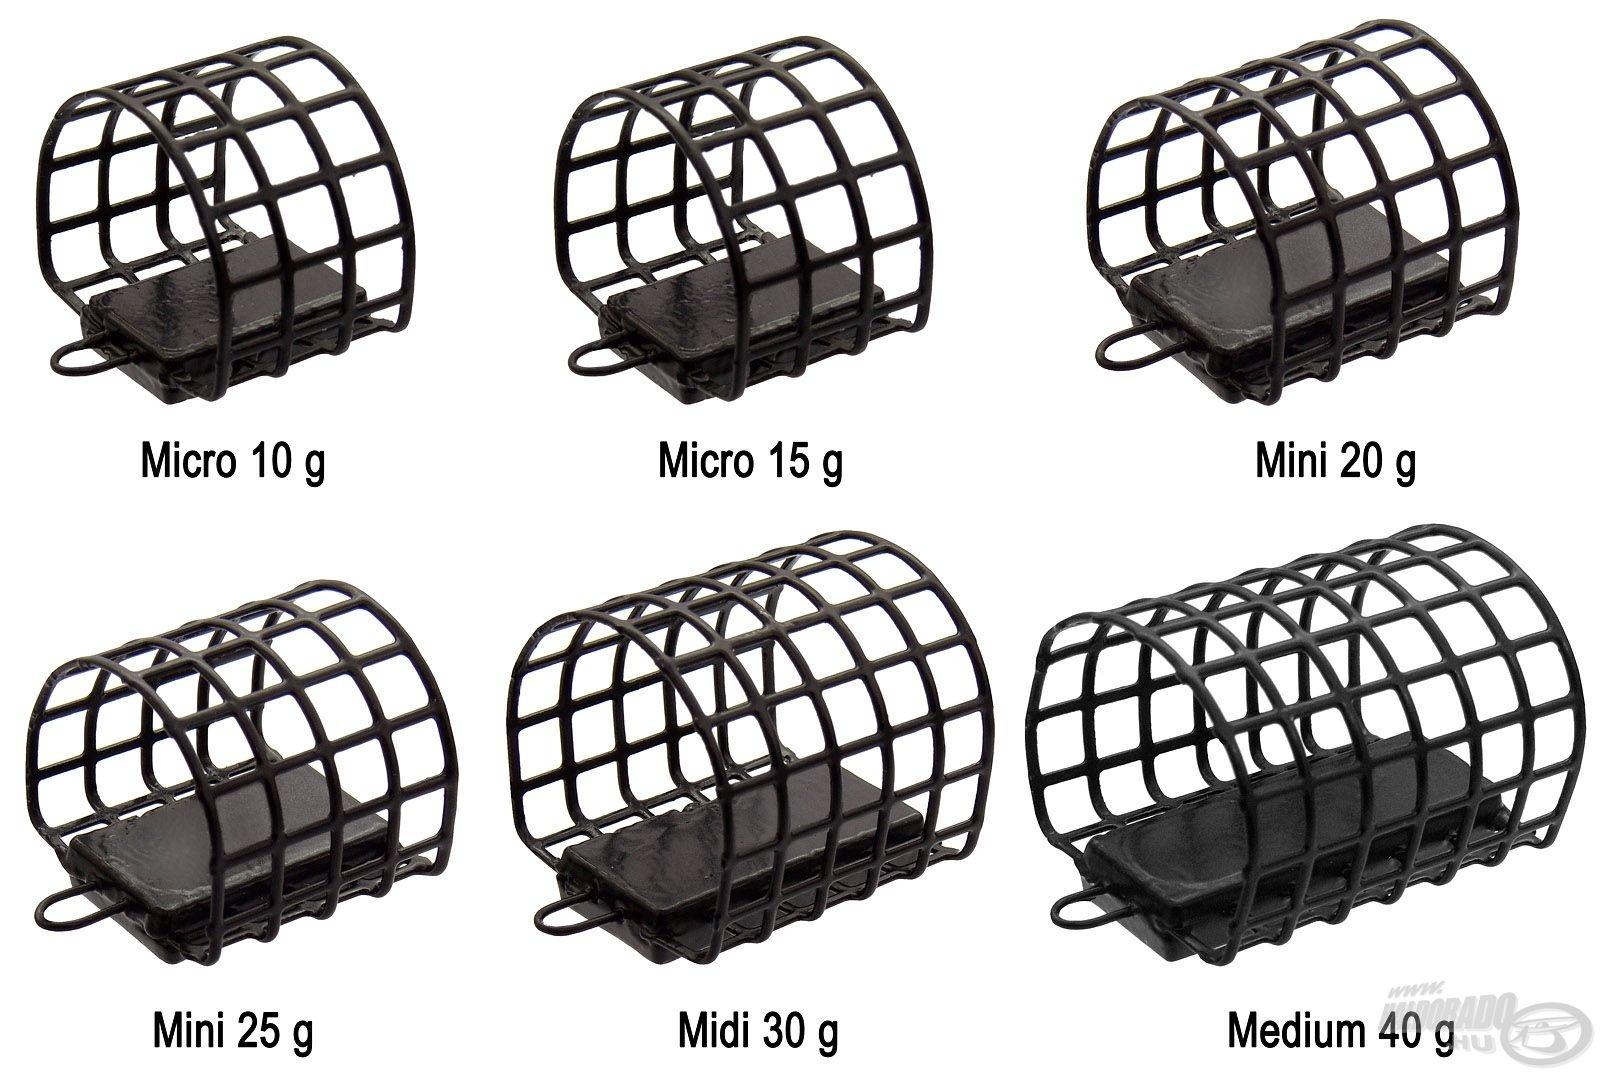 3x12 Micro Feeder 15 g